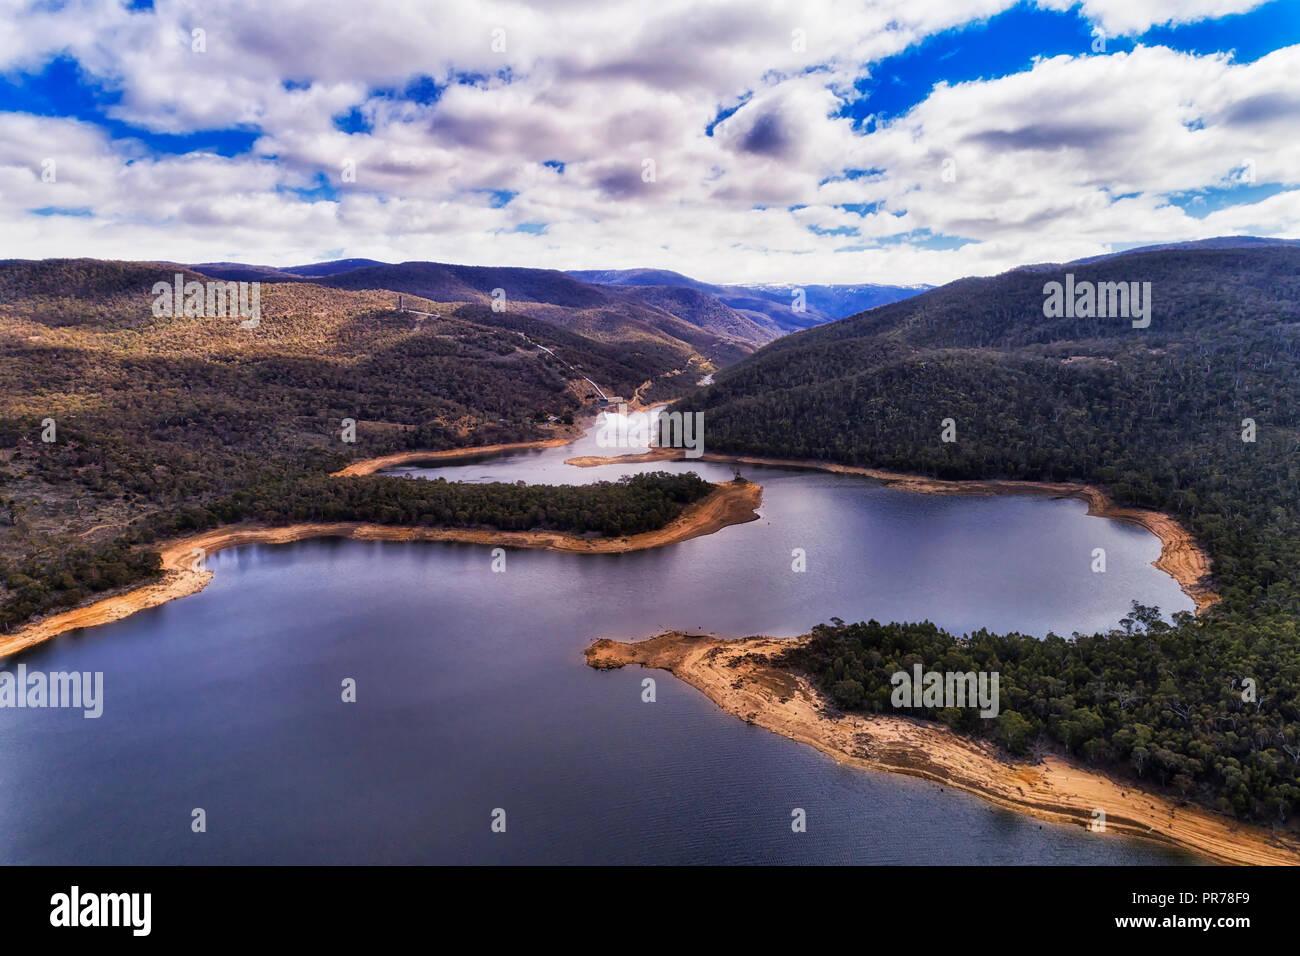 Delta de la rivière SNowy entrant dans l'eau douce du lac Jindabyne réservoir formé par le barrage de Jindabyne élevé dans les montagnes enneigées de l'Australie. Photo Stock